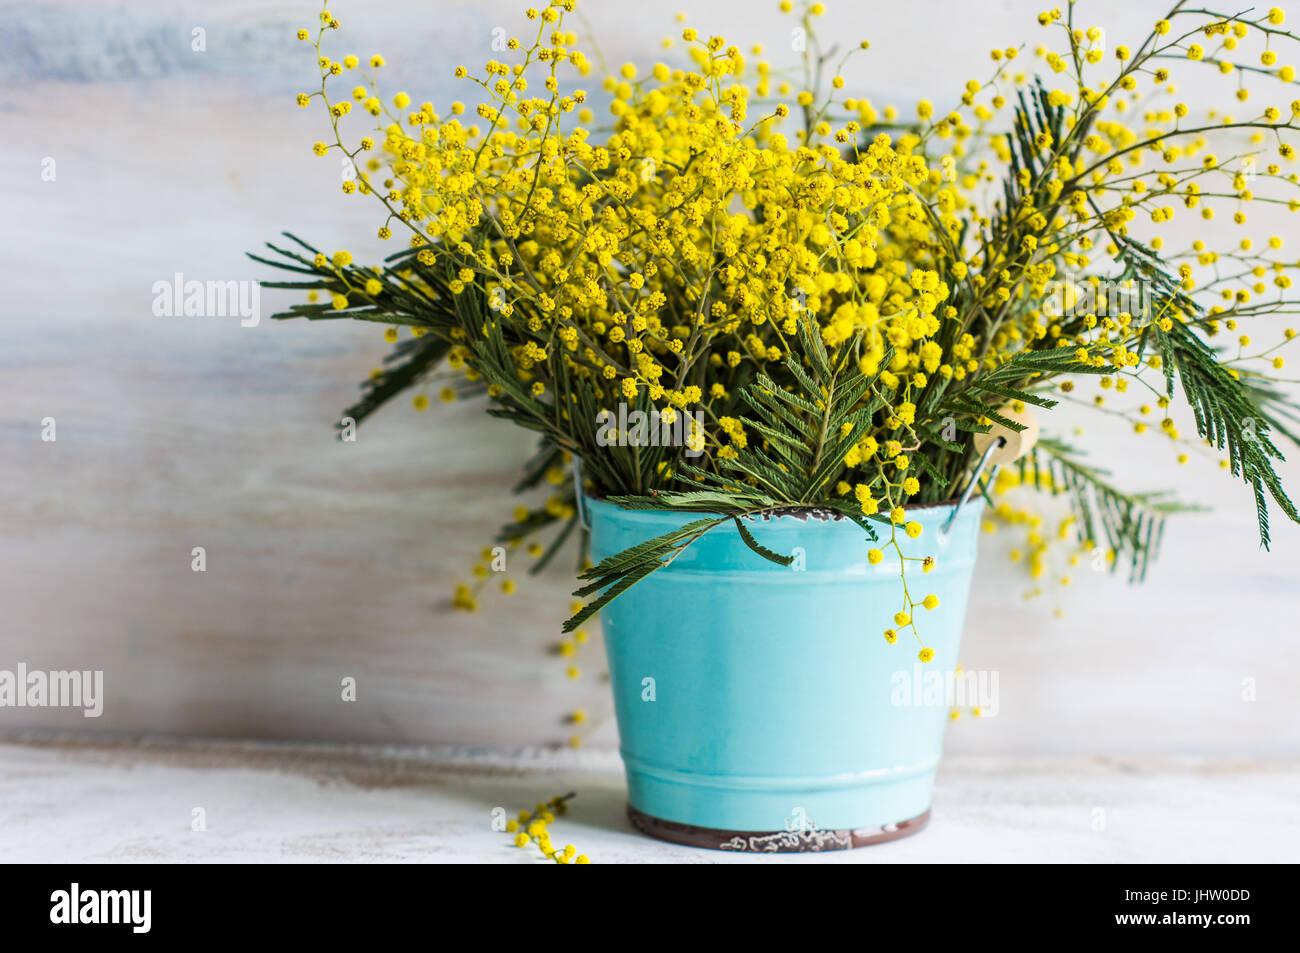 Pasqua festosa cornice con luminoso giallo mimosa (acacia) Fiori e uova di  pasqua a 3a35b305b3b4